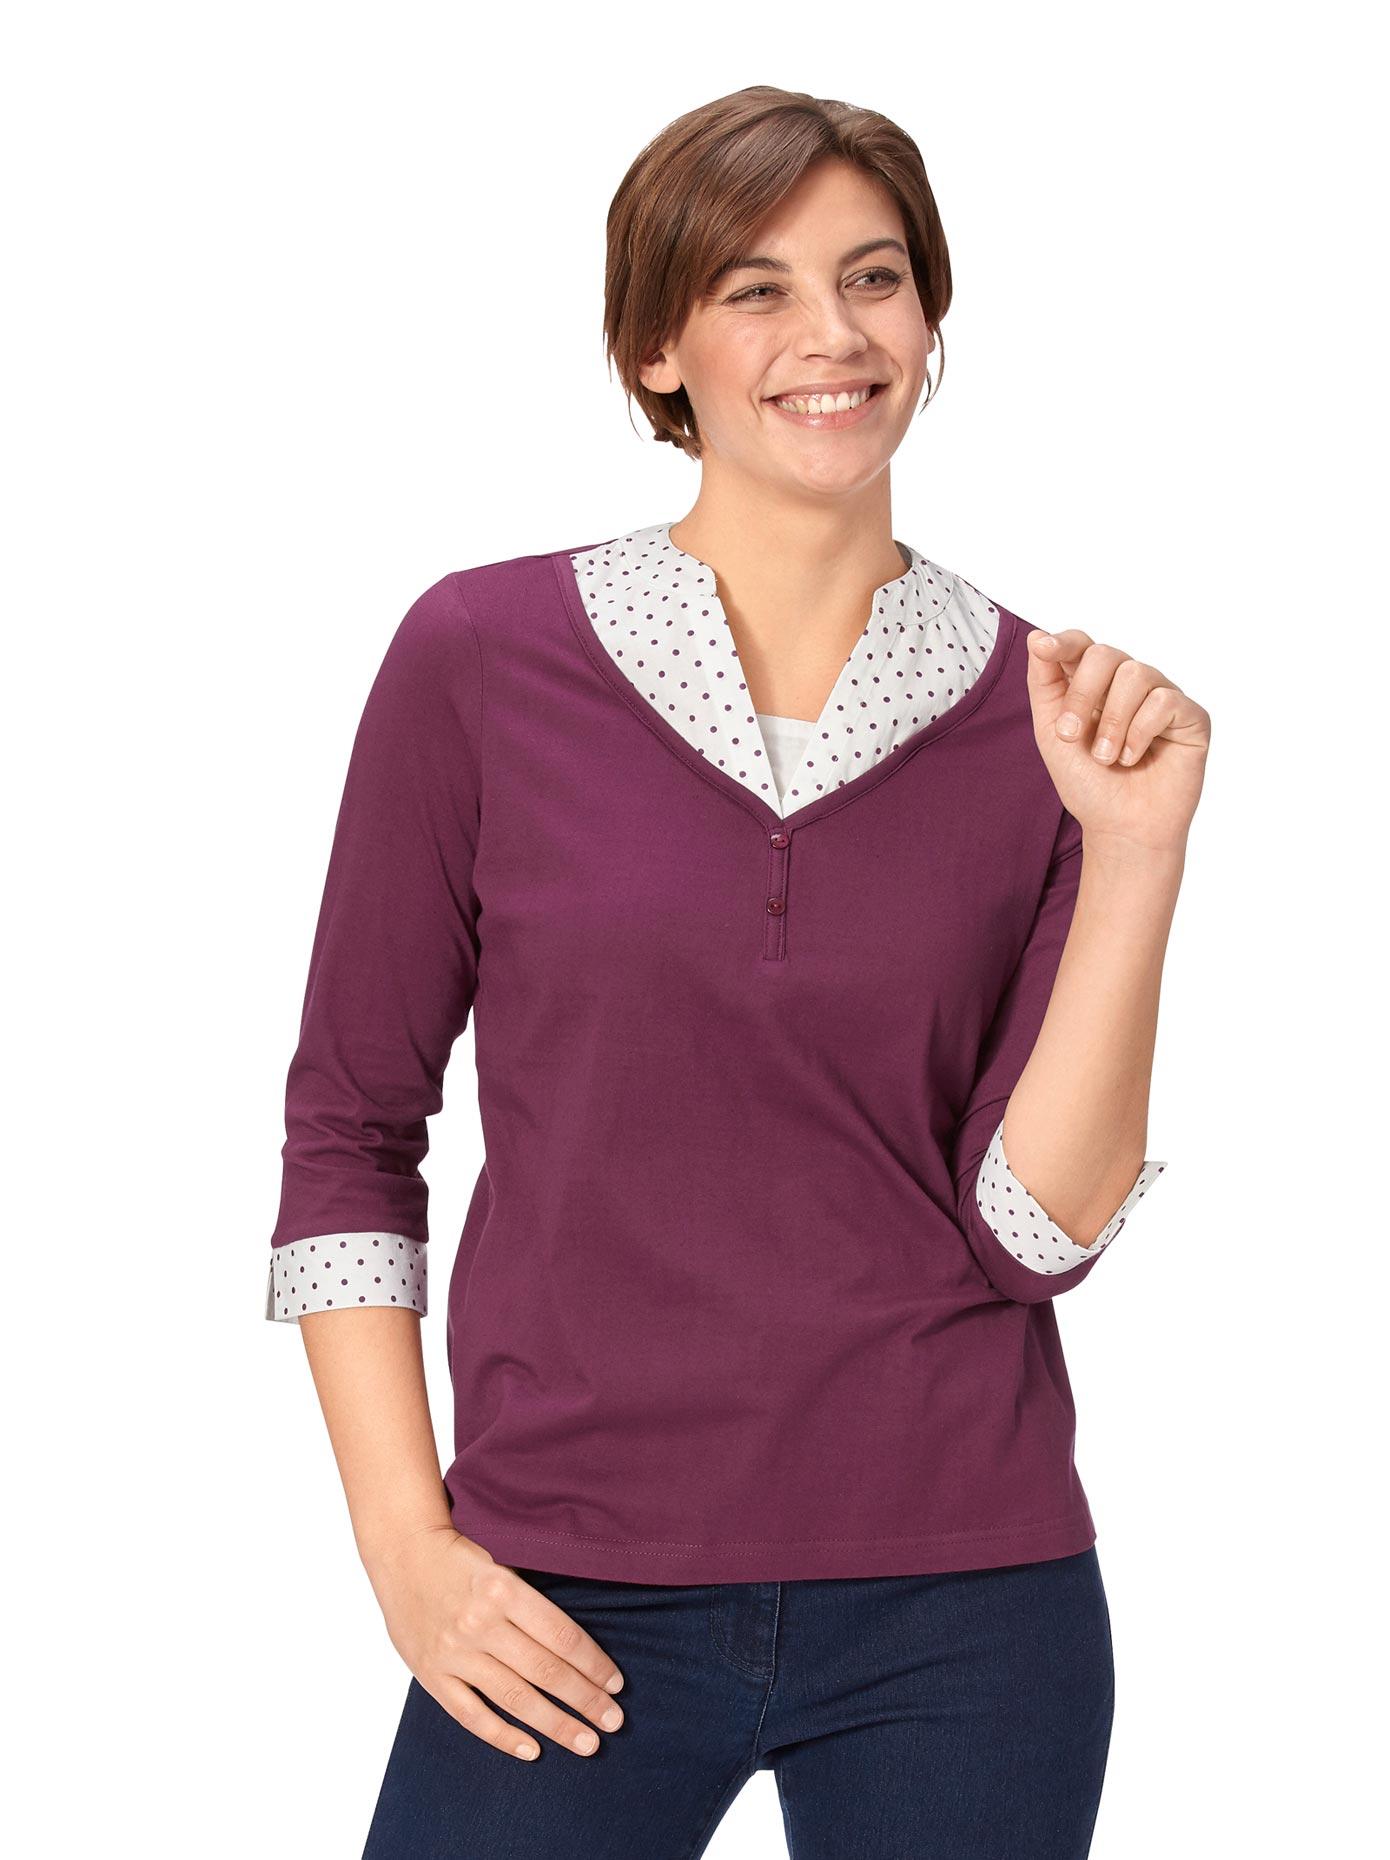 Classic Basics 2-in-1-Shirt mit geschlitzten Manschetten | Bekleidung > Shirts > 2-in-1 Shirts | Classic Basics